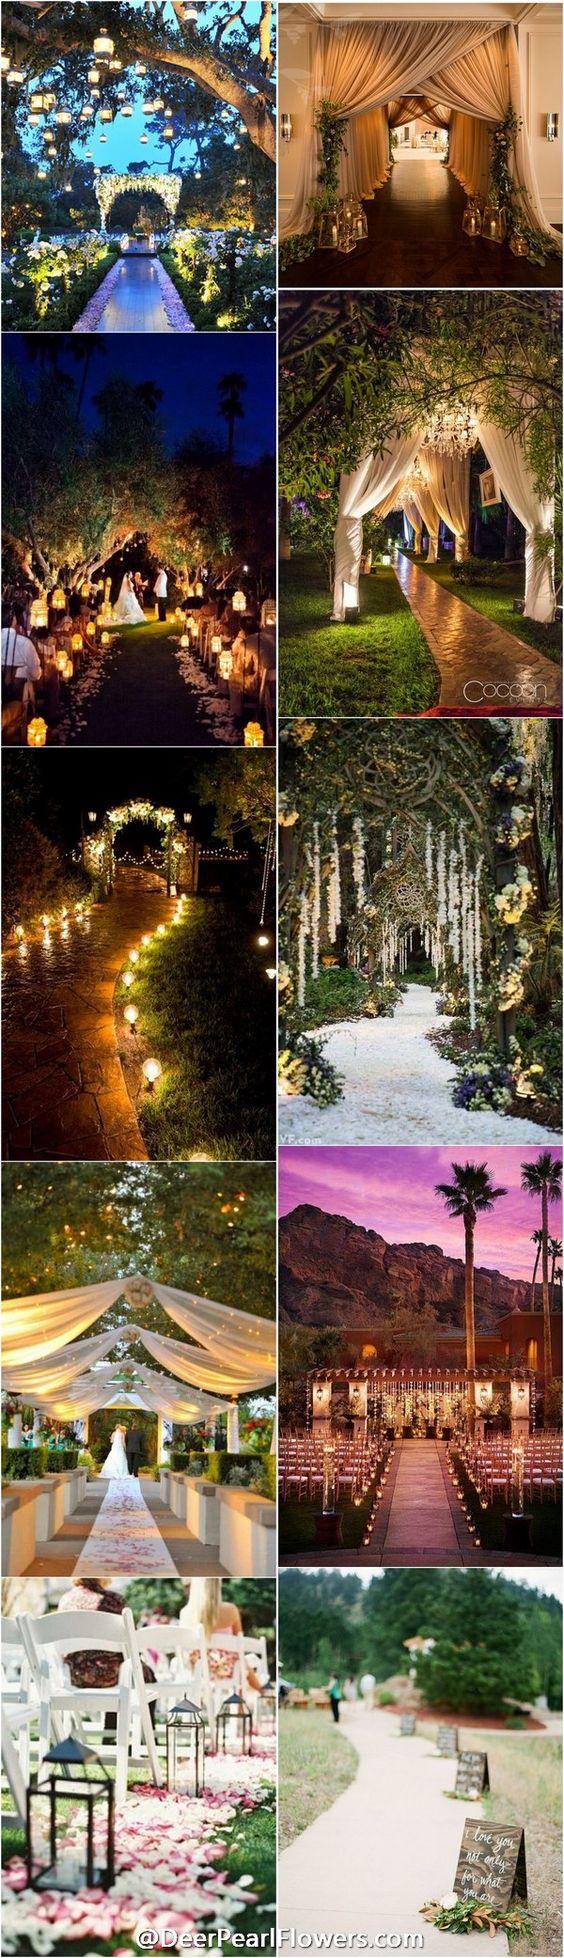 Wedding entry decoration ideas   Creative Wedding Entrance Walkway Decor Ideas  garden party